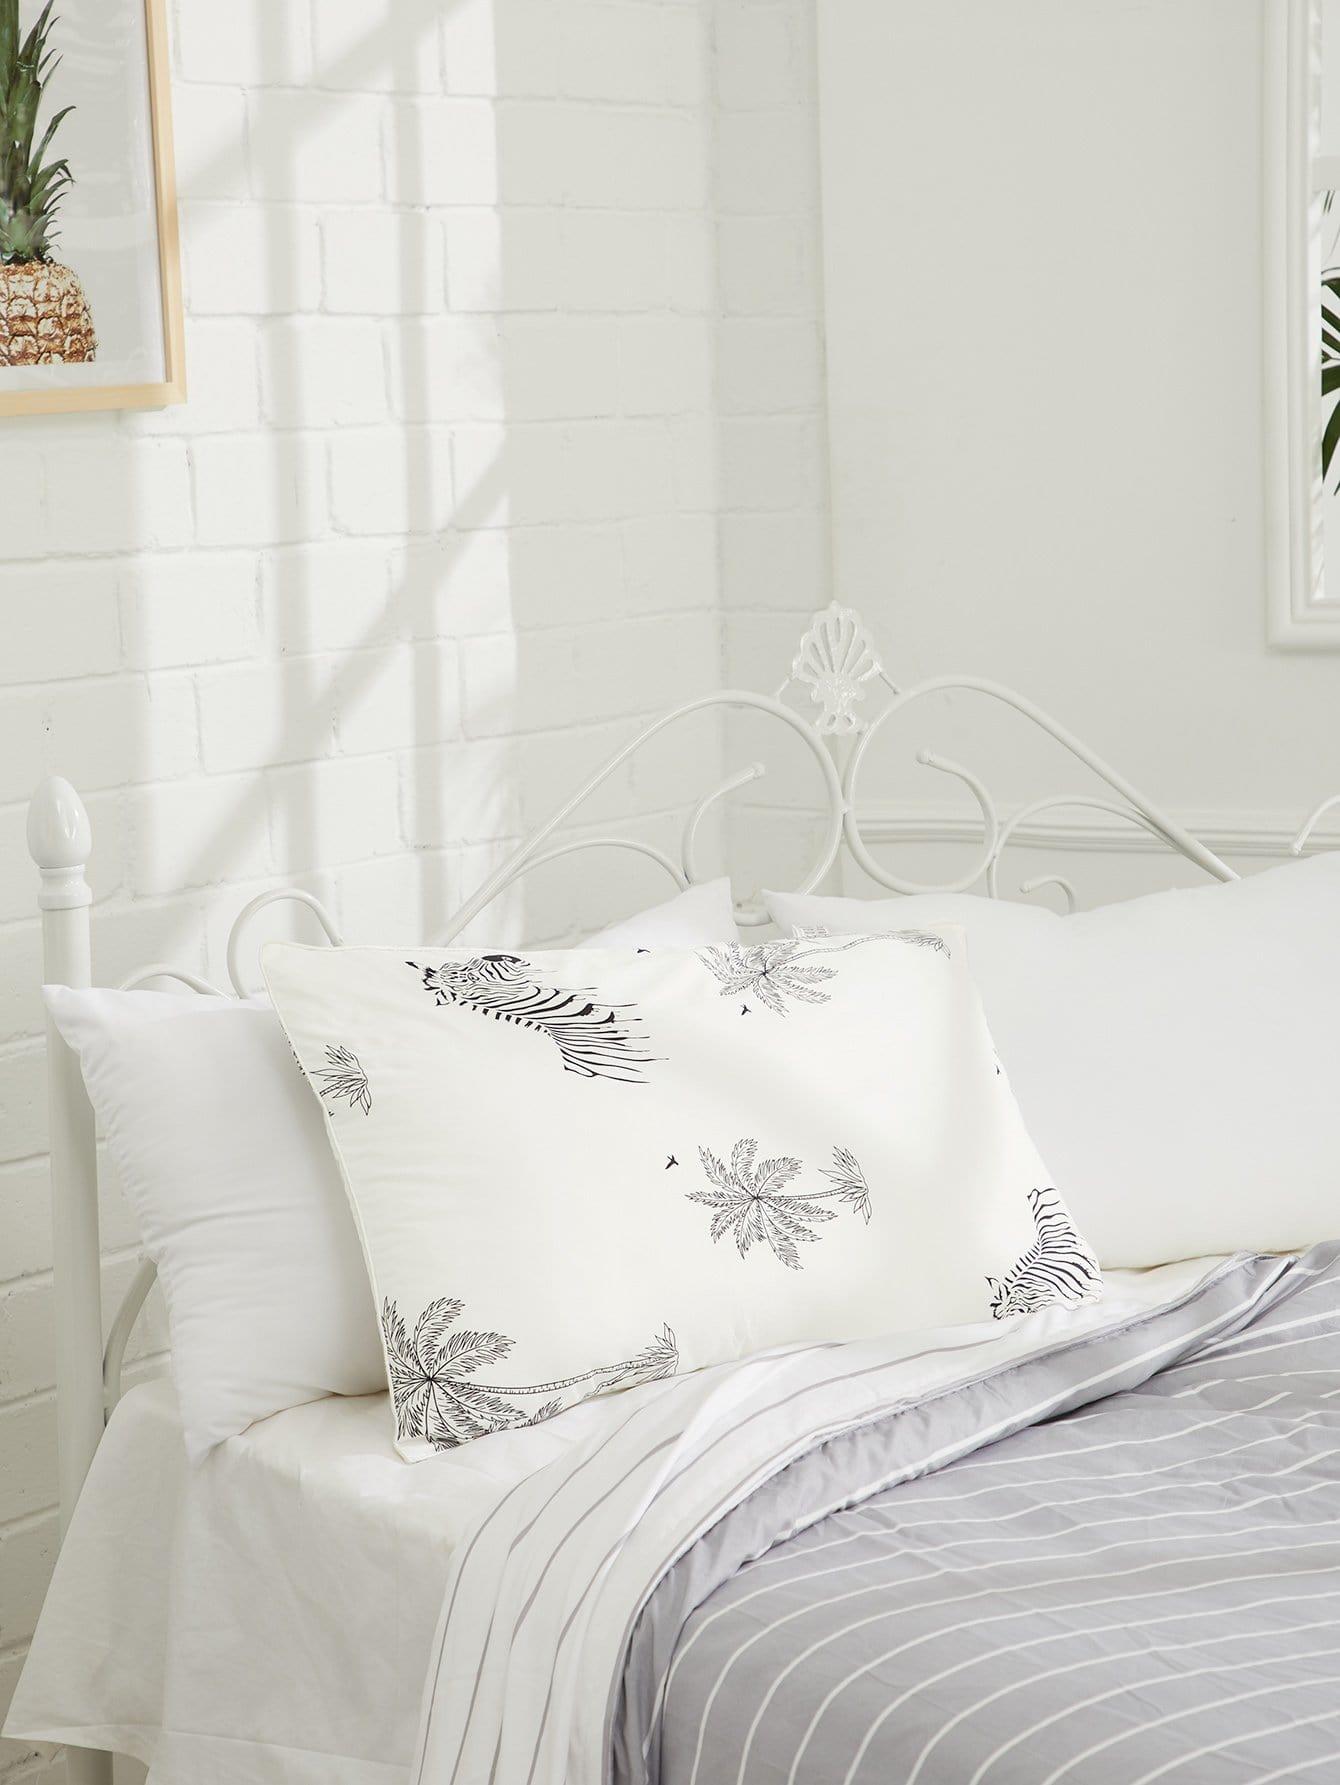 Zebra & Palm Tree Print Pillow 1pc sailboat print pillow 1pc